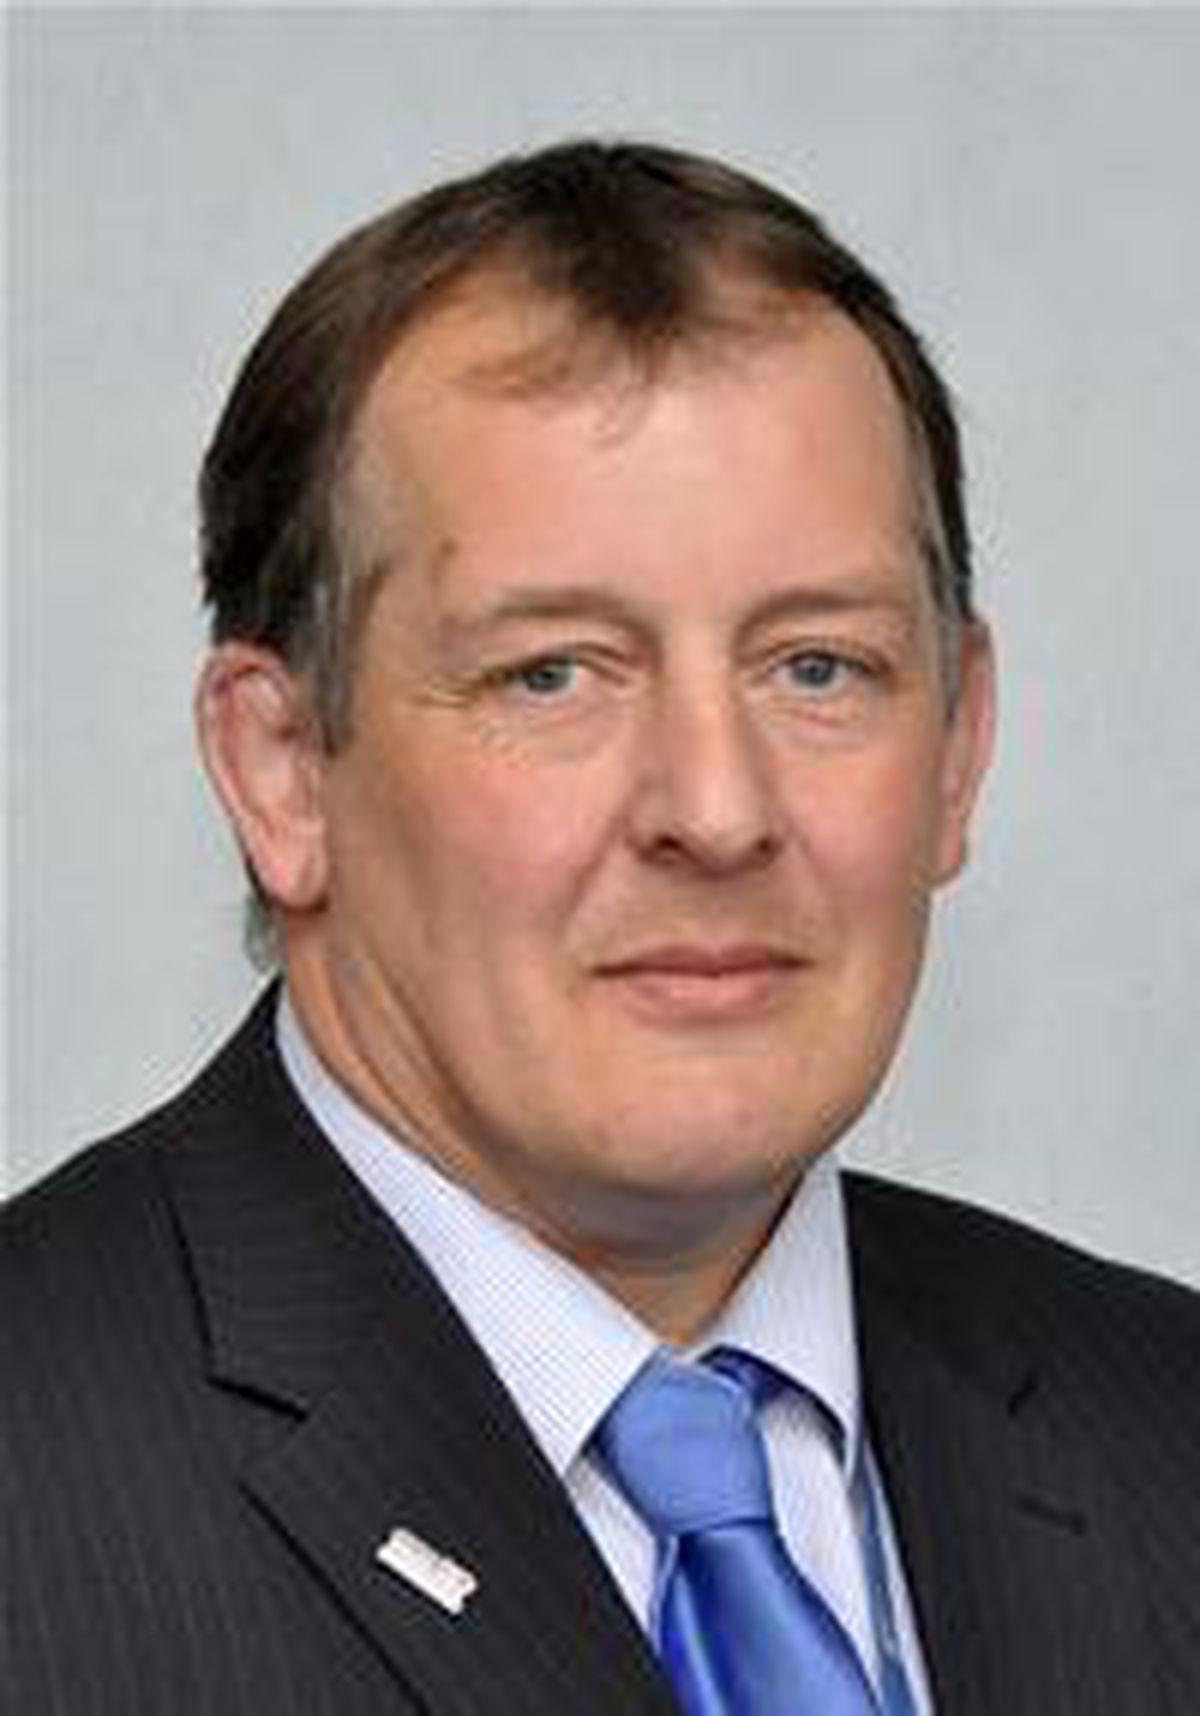 Whittington Councillor Steve Charmley